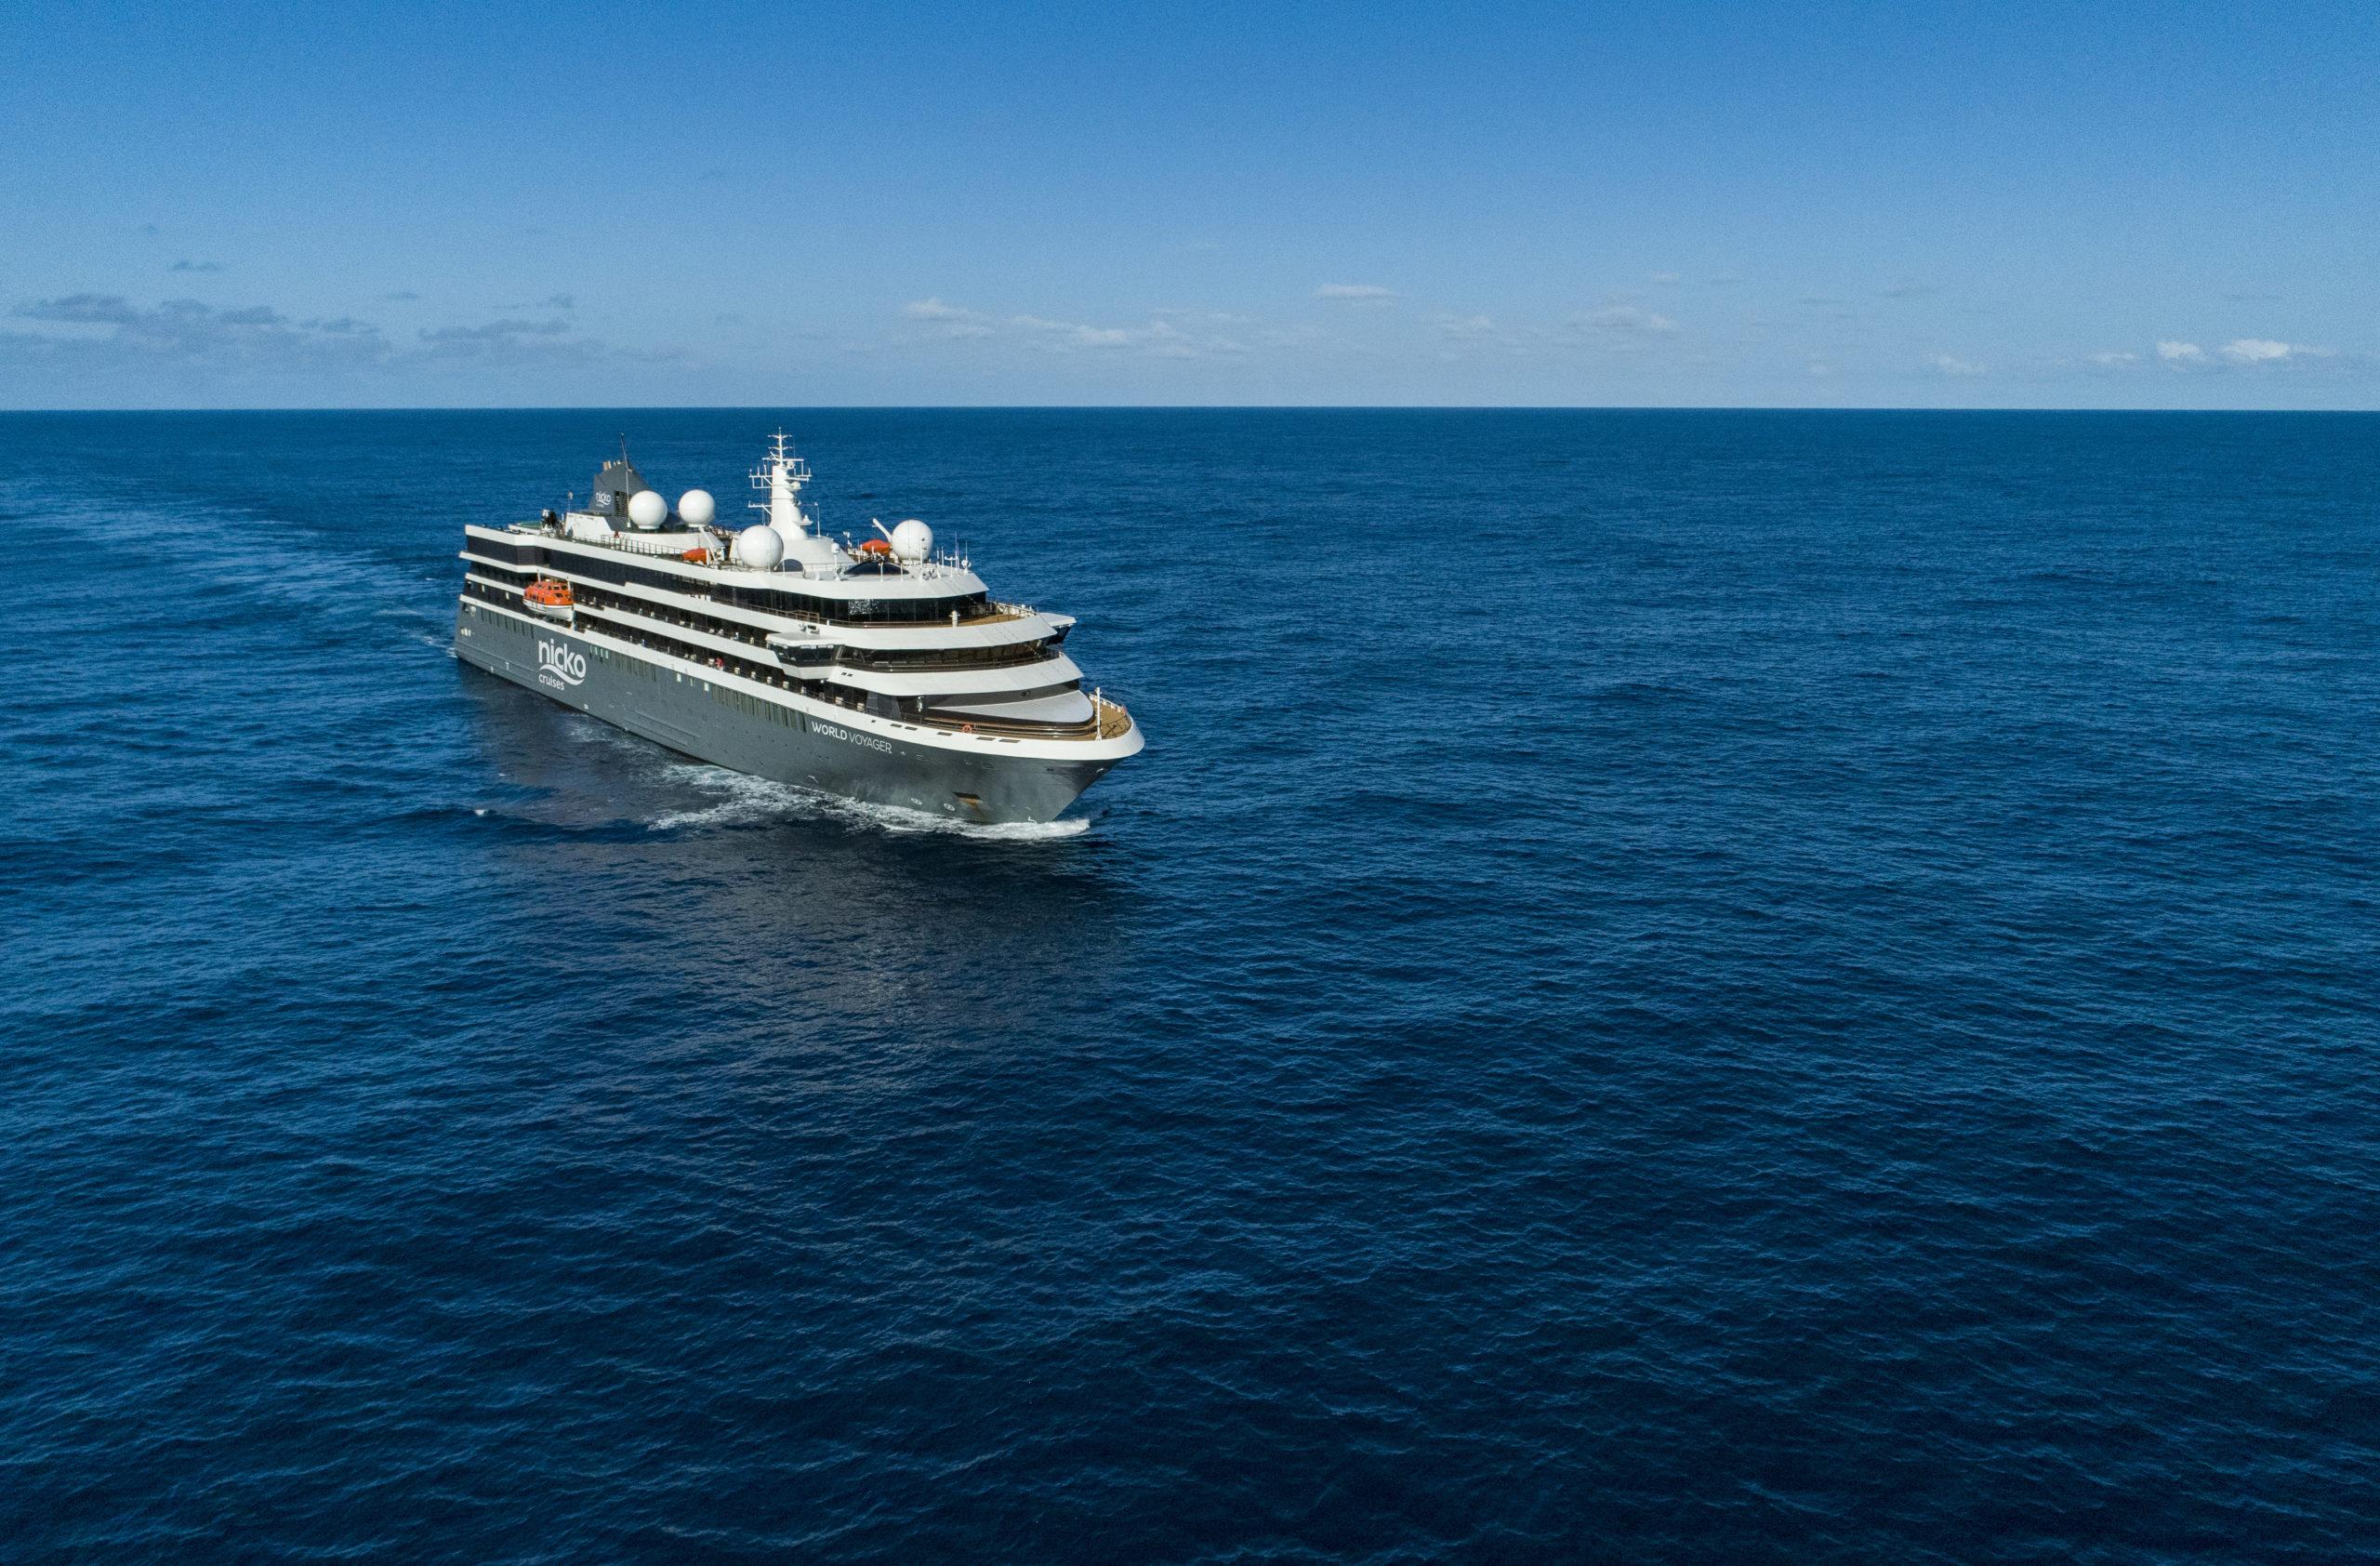 You are currently viewing Nicko Cruises: Mit der World Voyager auf Kurzreise durch Nord- und Ostsee